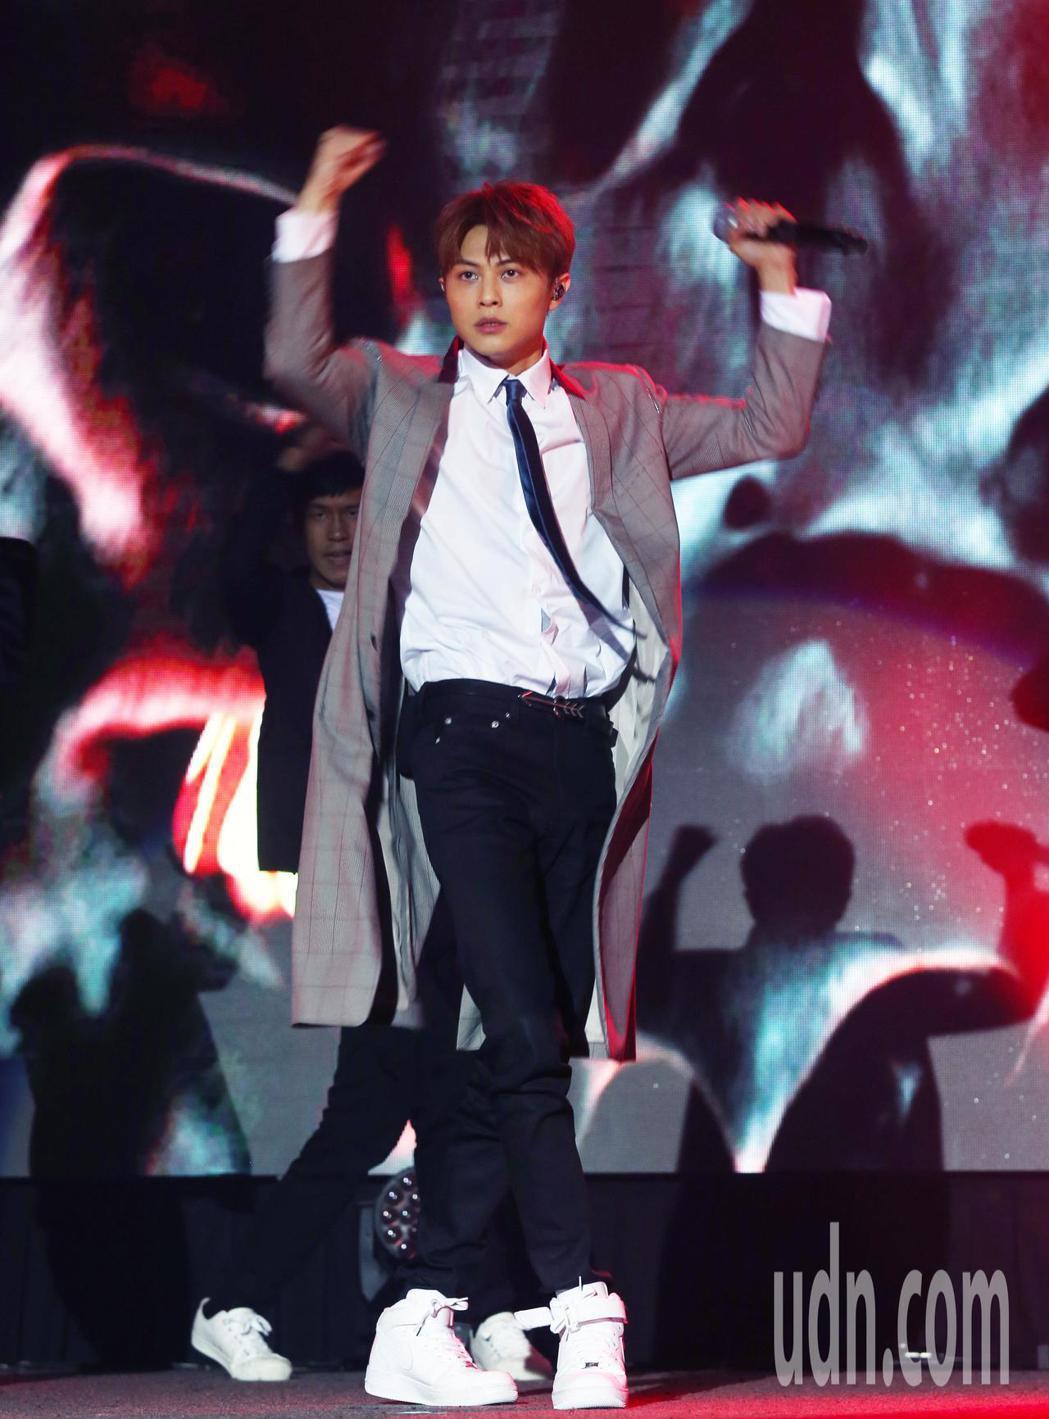 王子邱勝翊(圖)愛上了你生日會音樂會彩排,展現勁歌熱舞。記者林俊良/攝影